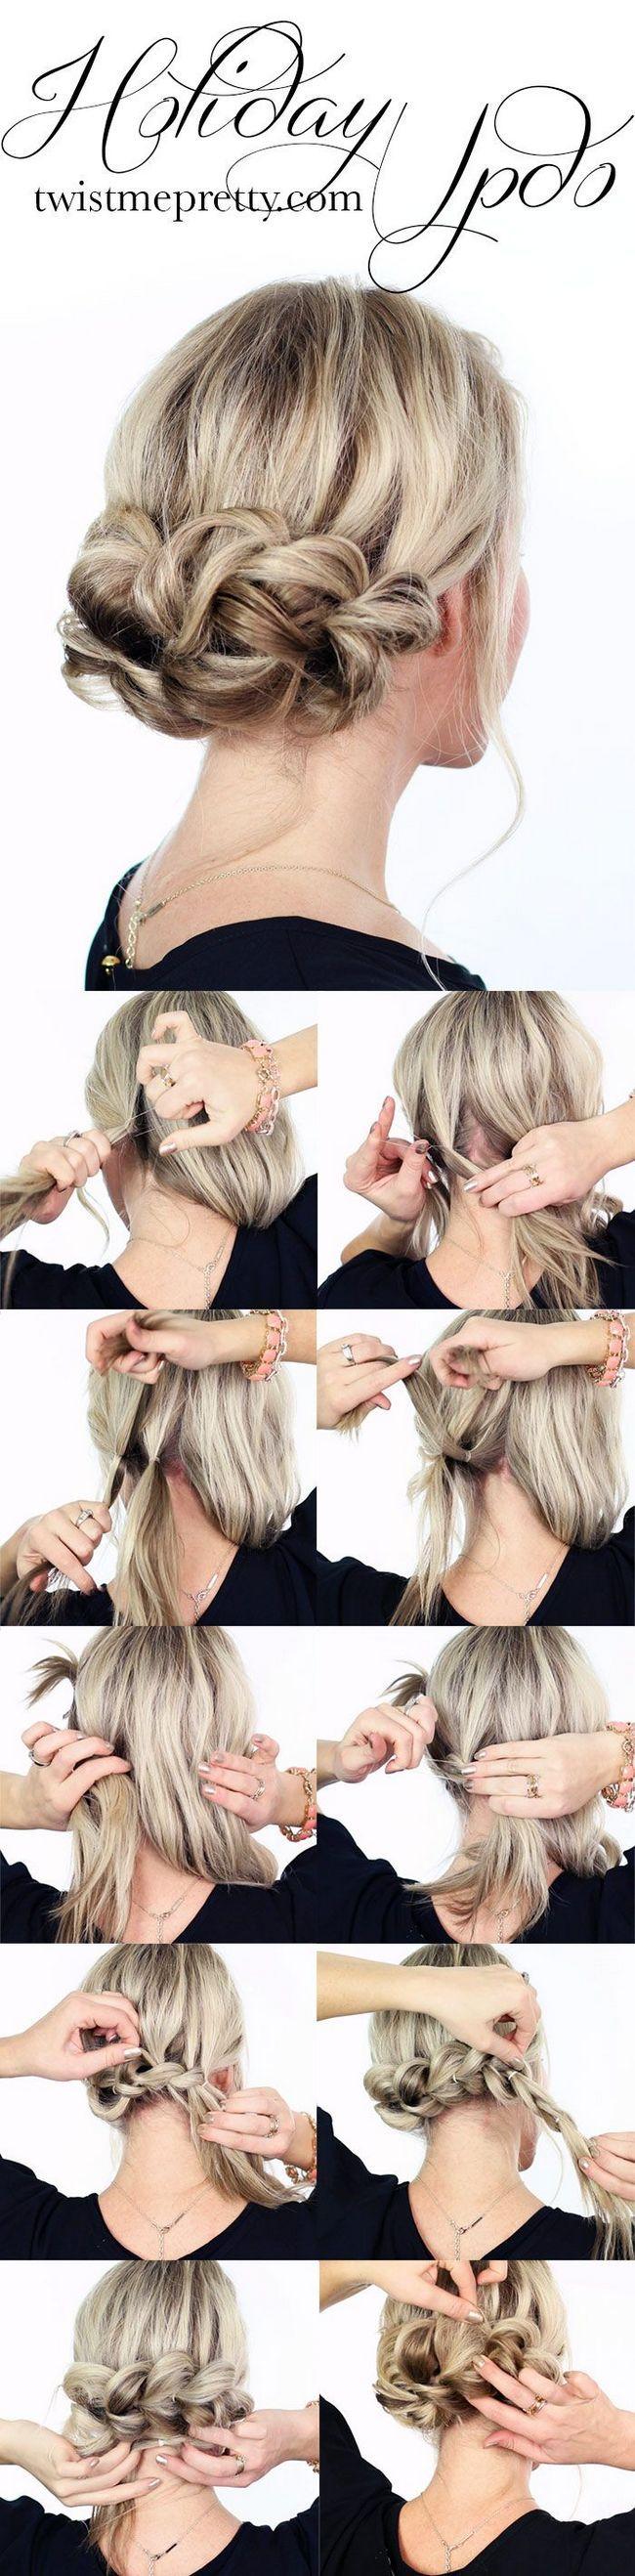 Tutoriais cabelo: penteados nó updo